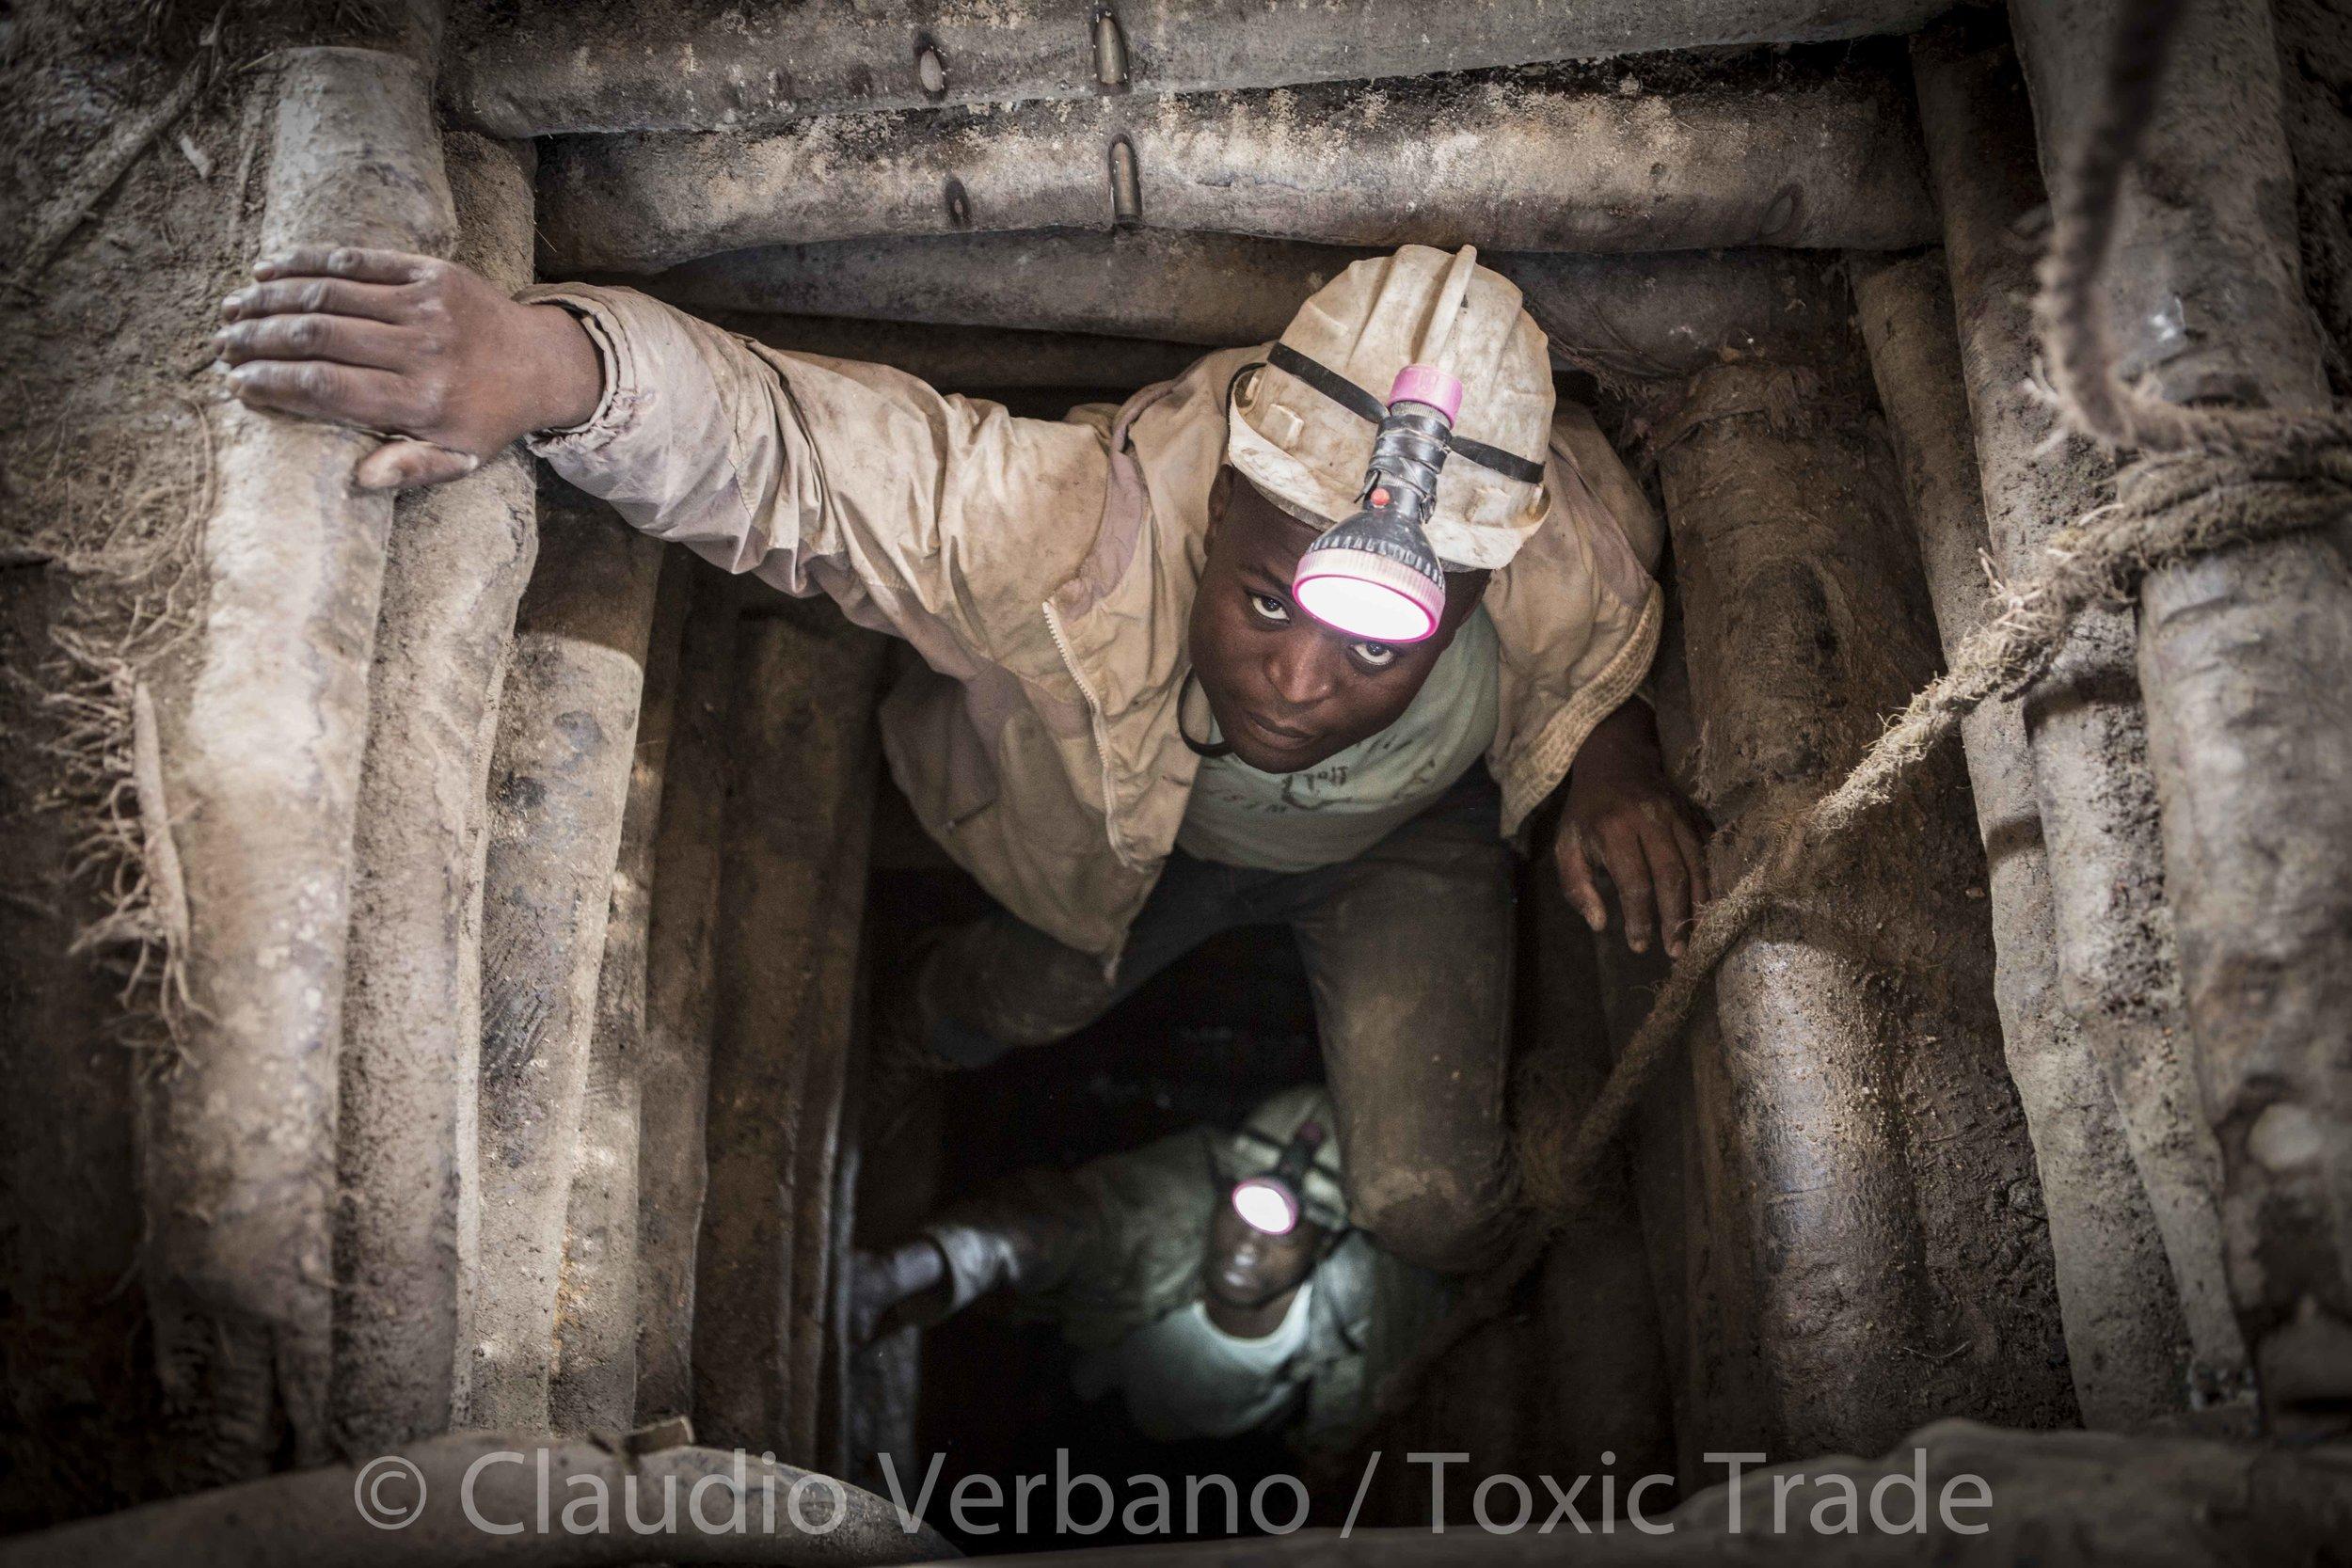 ClaudioVerbano_ToxicTrade_web_18.jpg